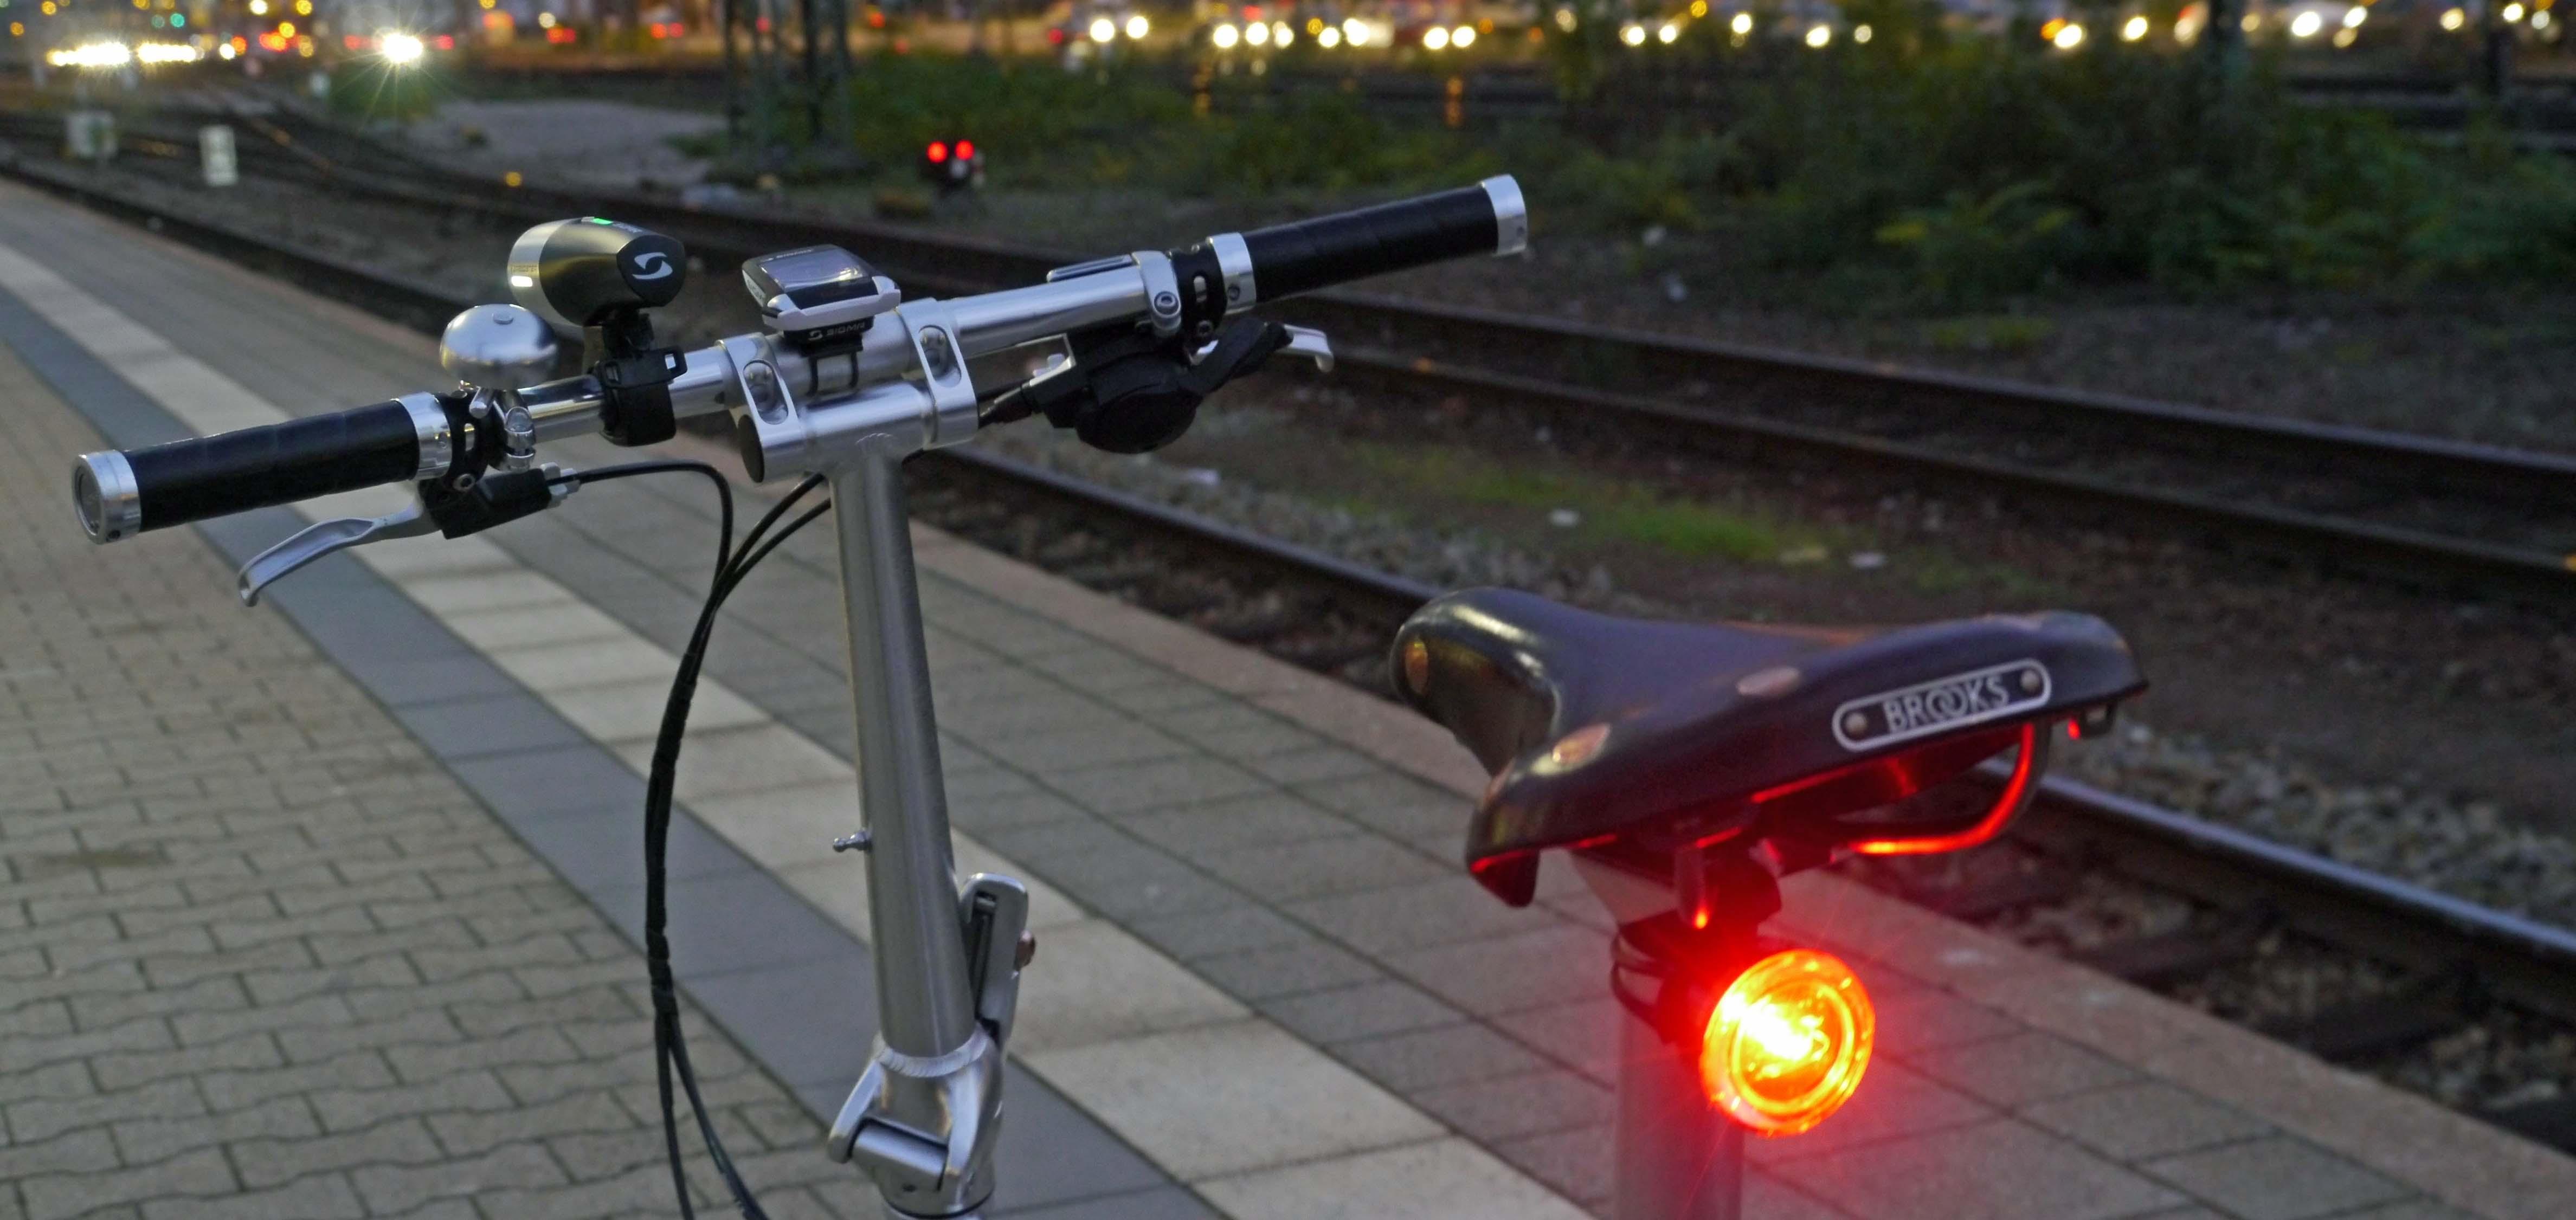 Задняя фара велосипеда